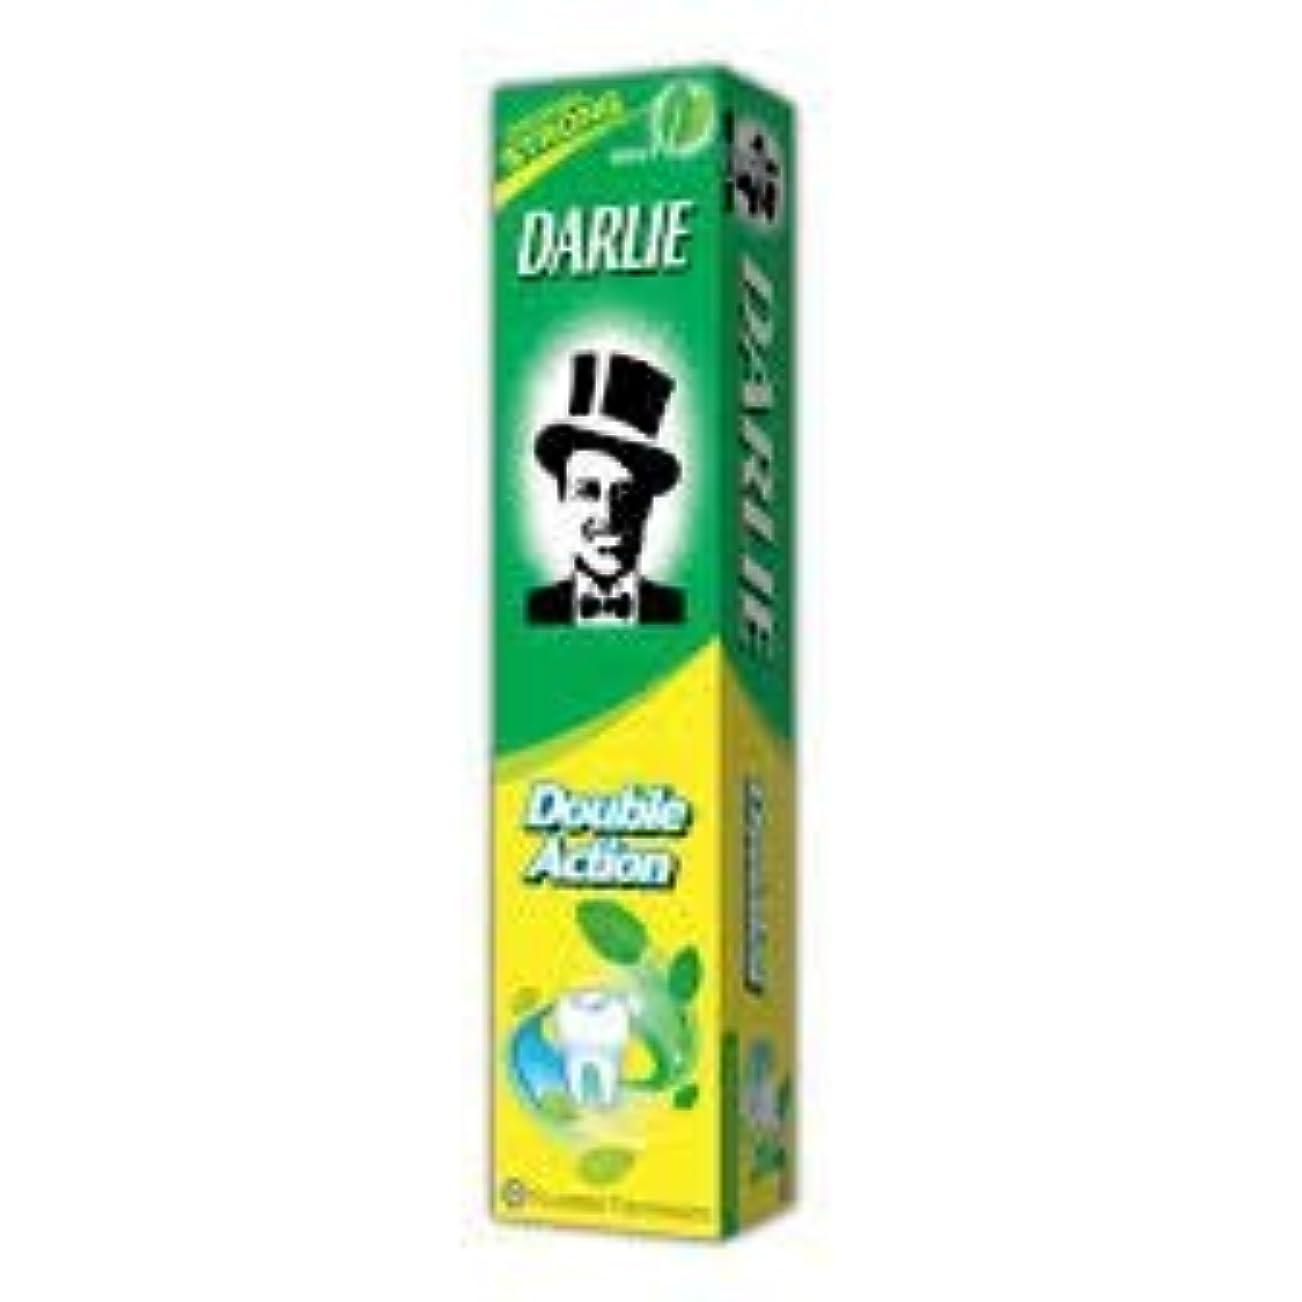 行列解き明かす対人DARLIE 歯磨き粉ジャンボ 250g-12 時間のためのより長く持続する新鮮な息を与える-効果的に経口細菌を減少させます